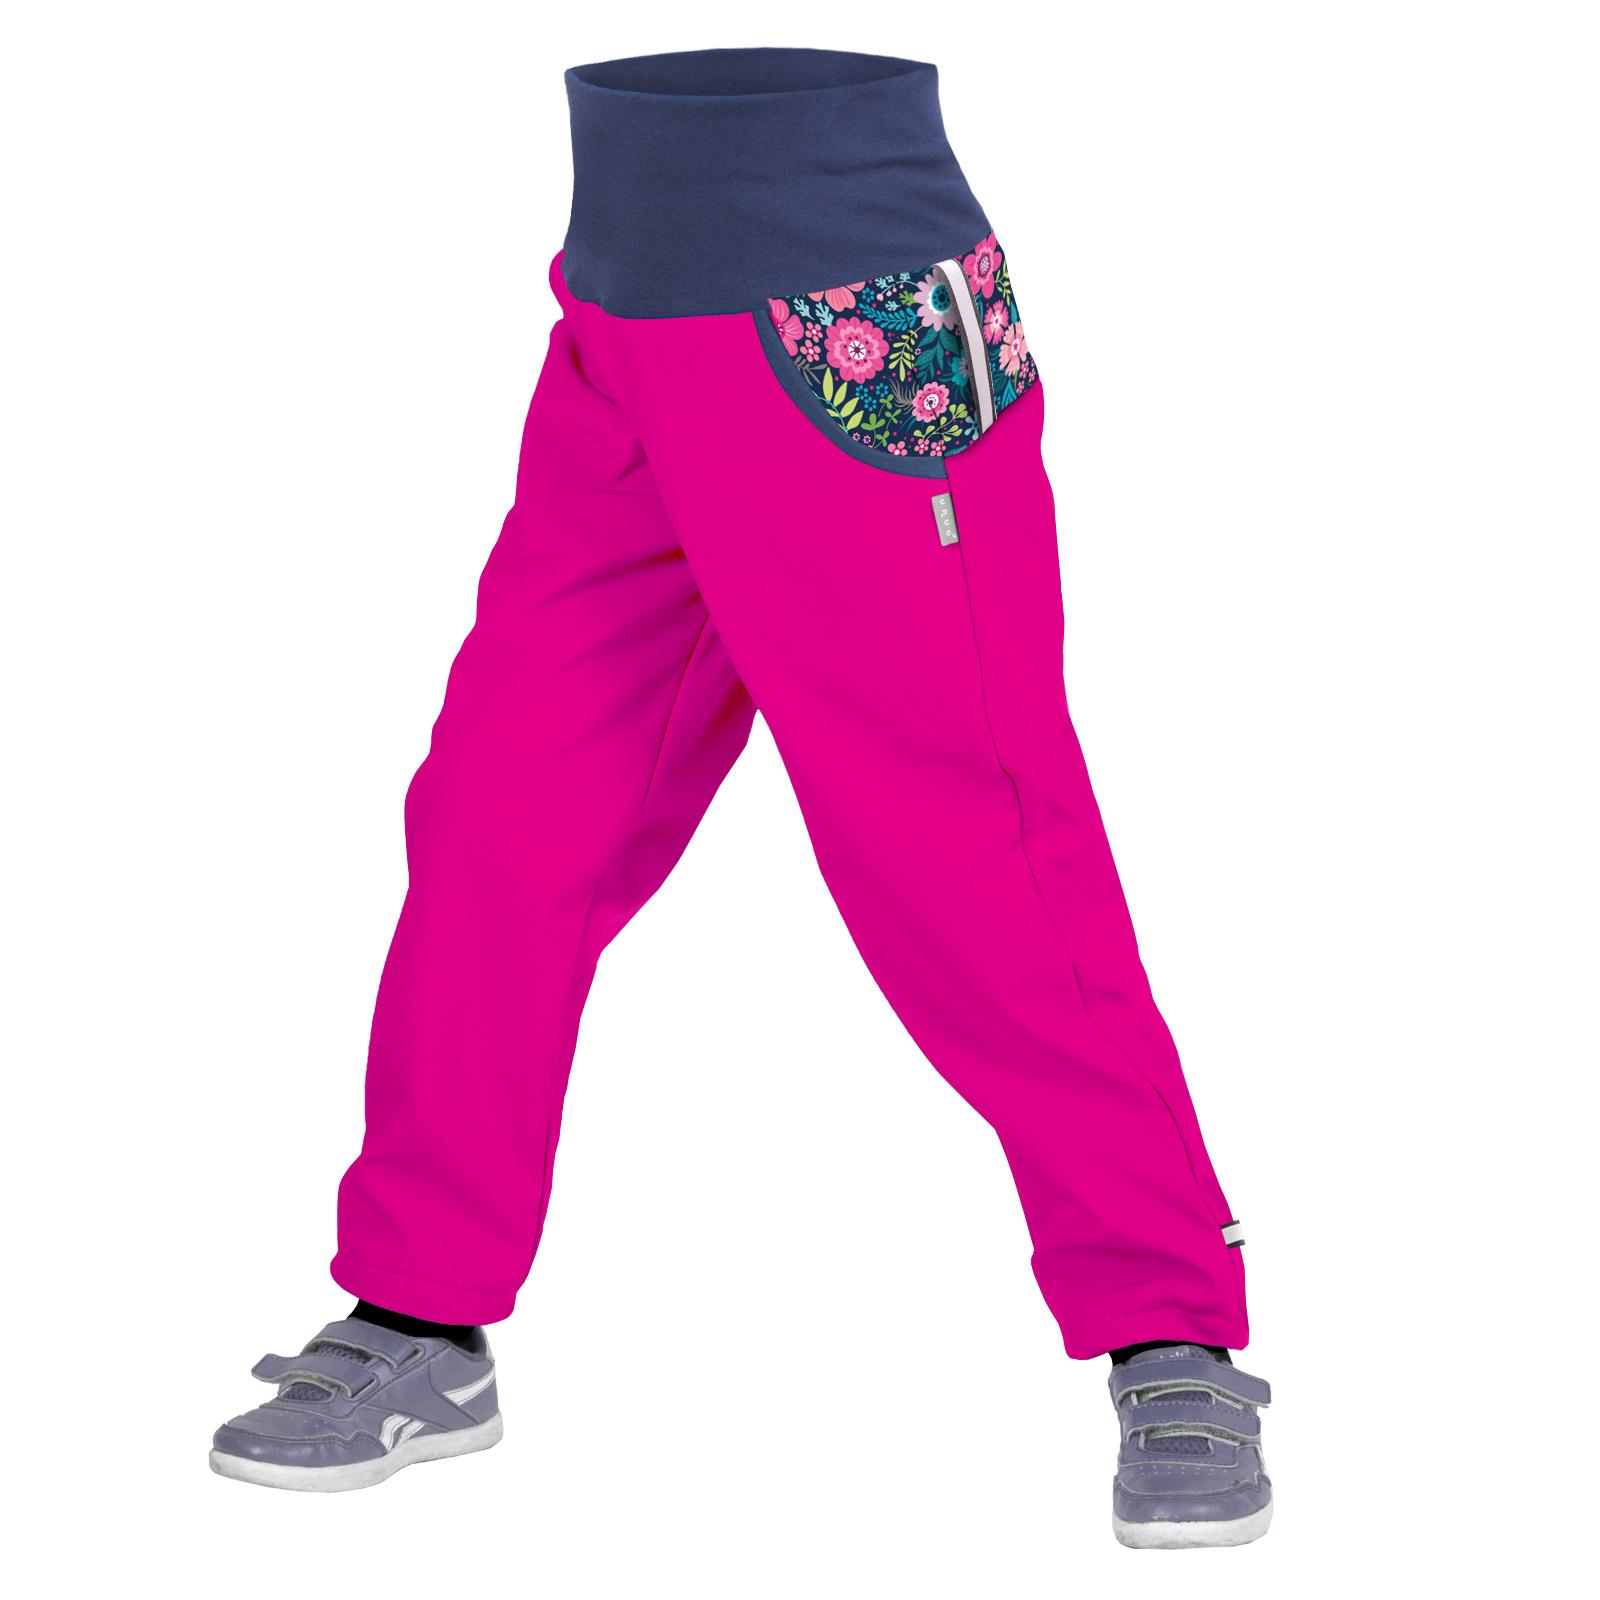 unuo softshellové kalhoty s fleecem Květinky fuchsiové Velikost UNI (Size): 98/104